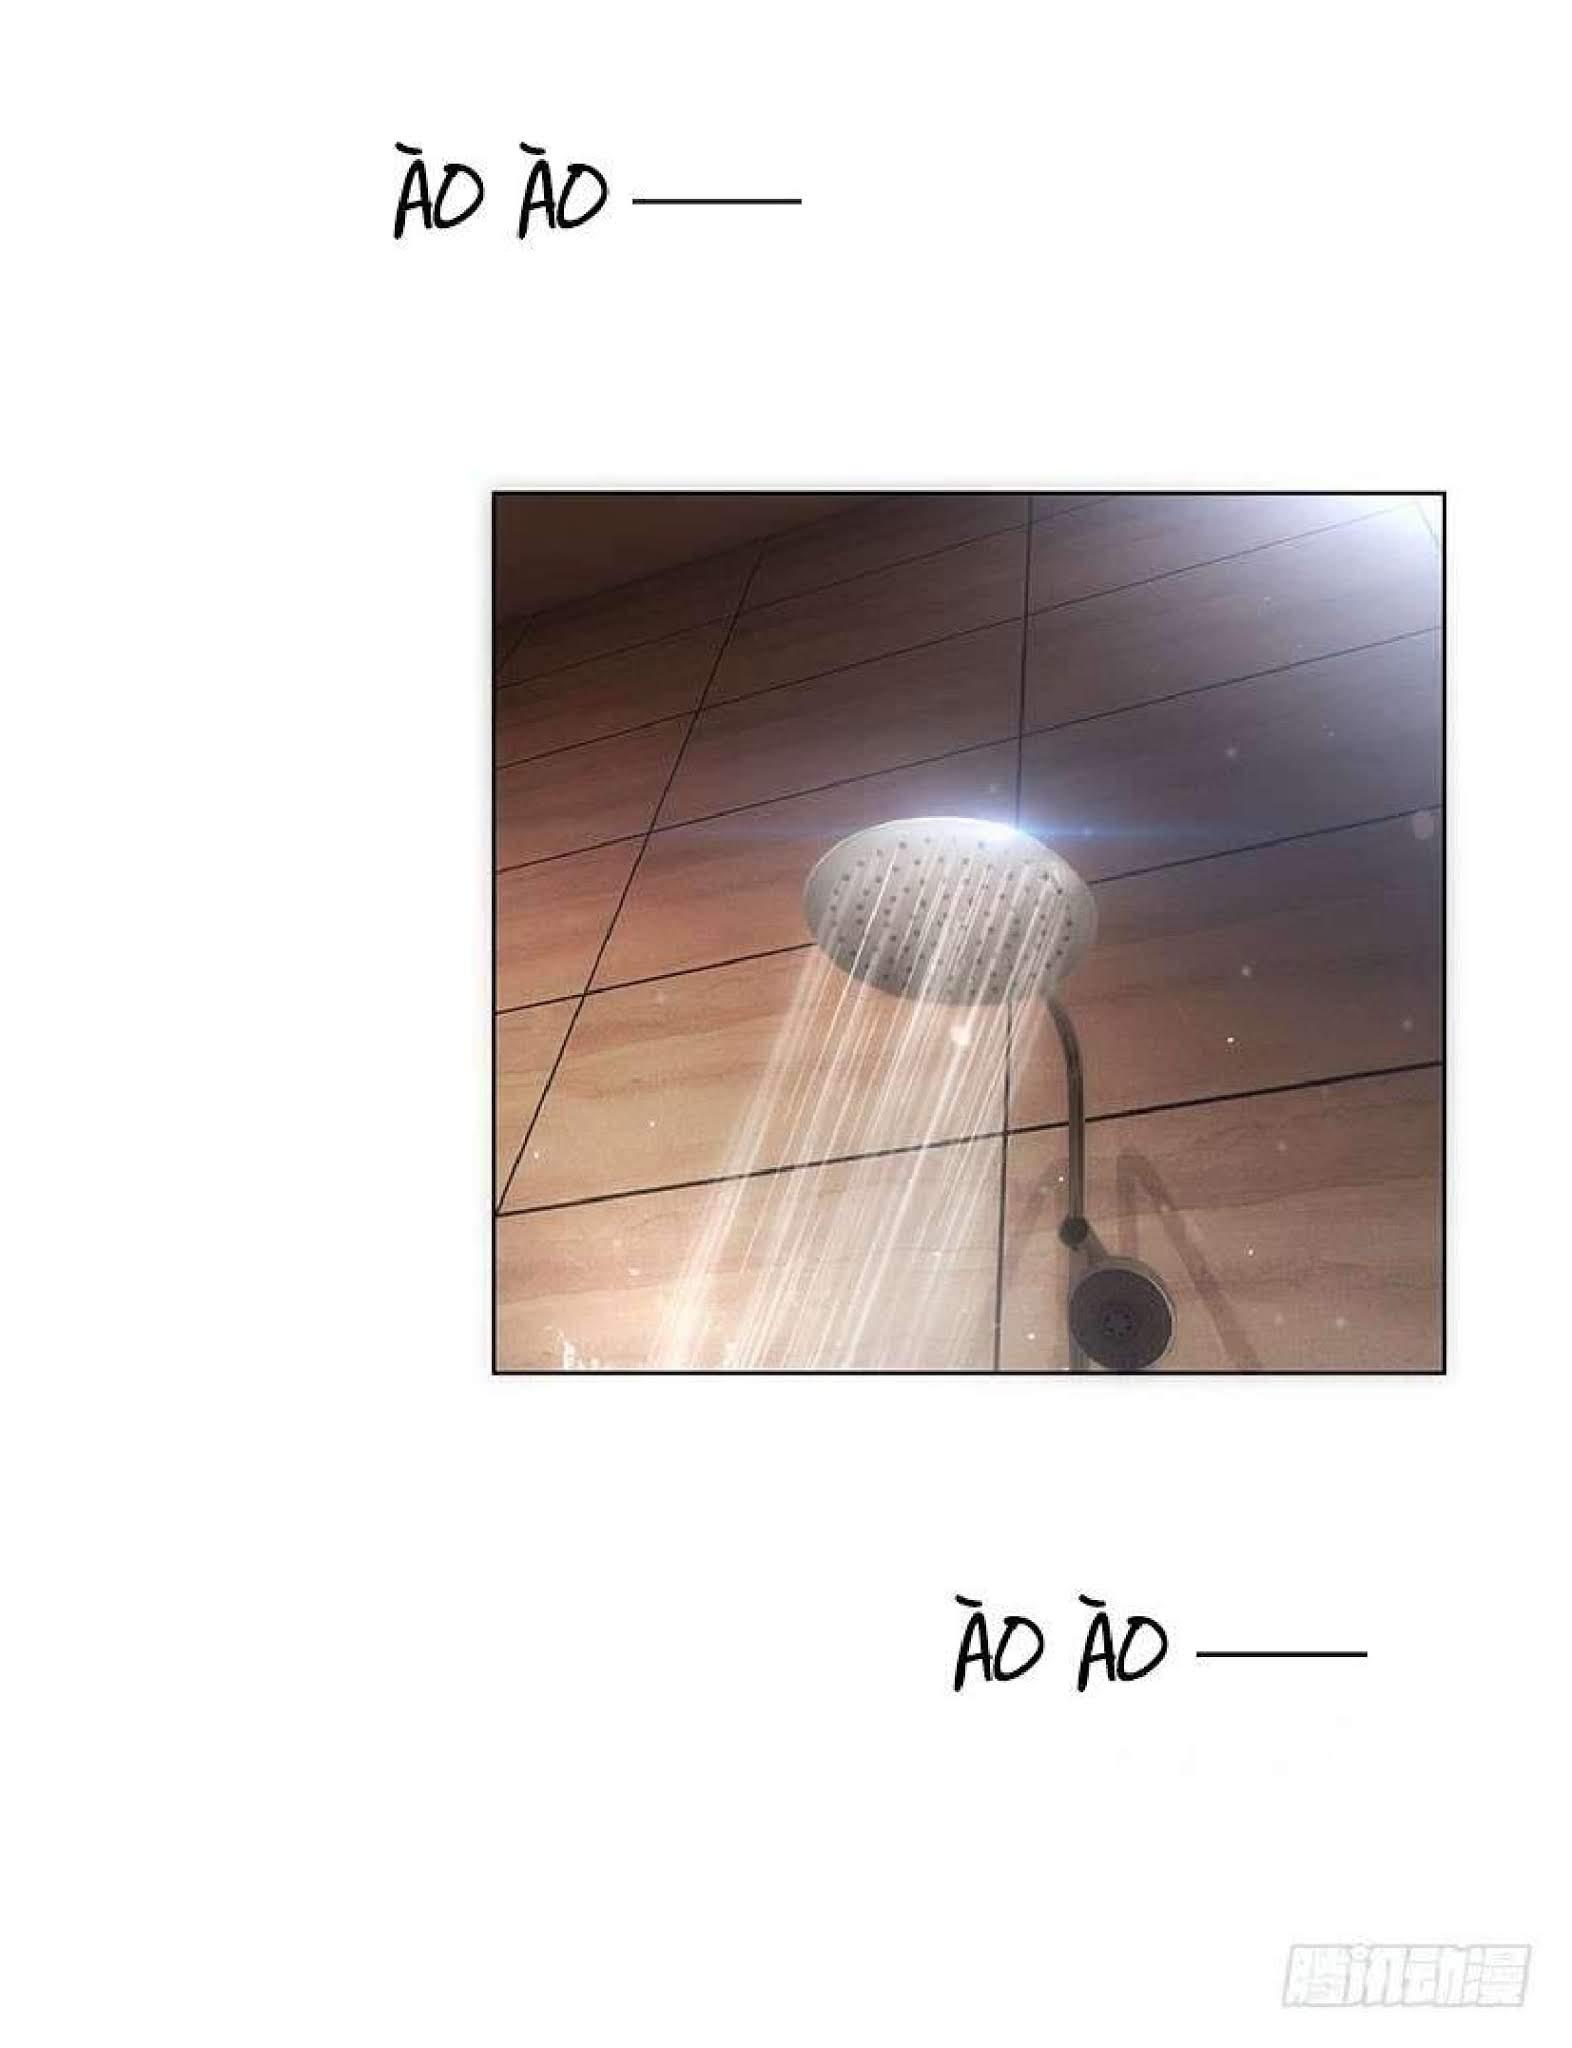 Thuần tình Lục thiếu chap 65 - Trang 43